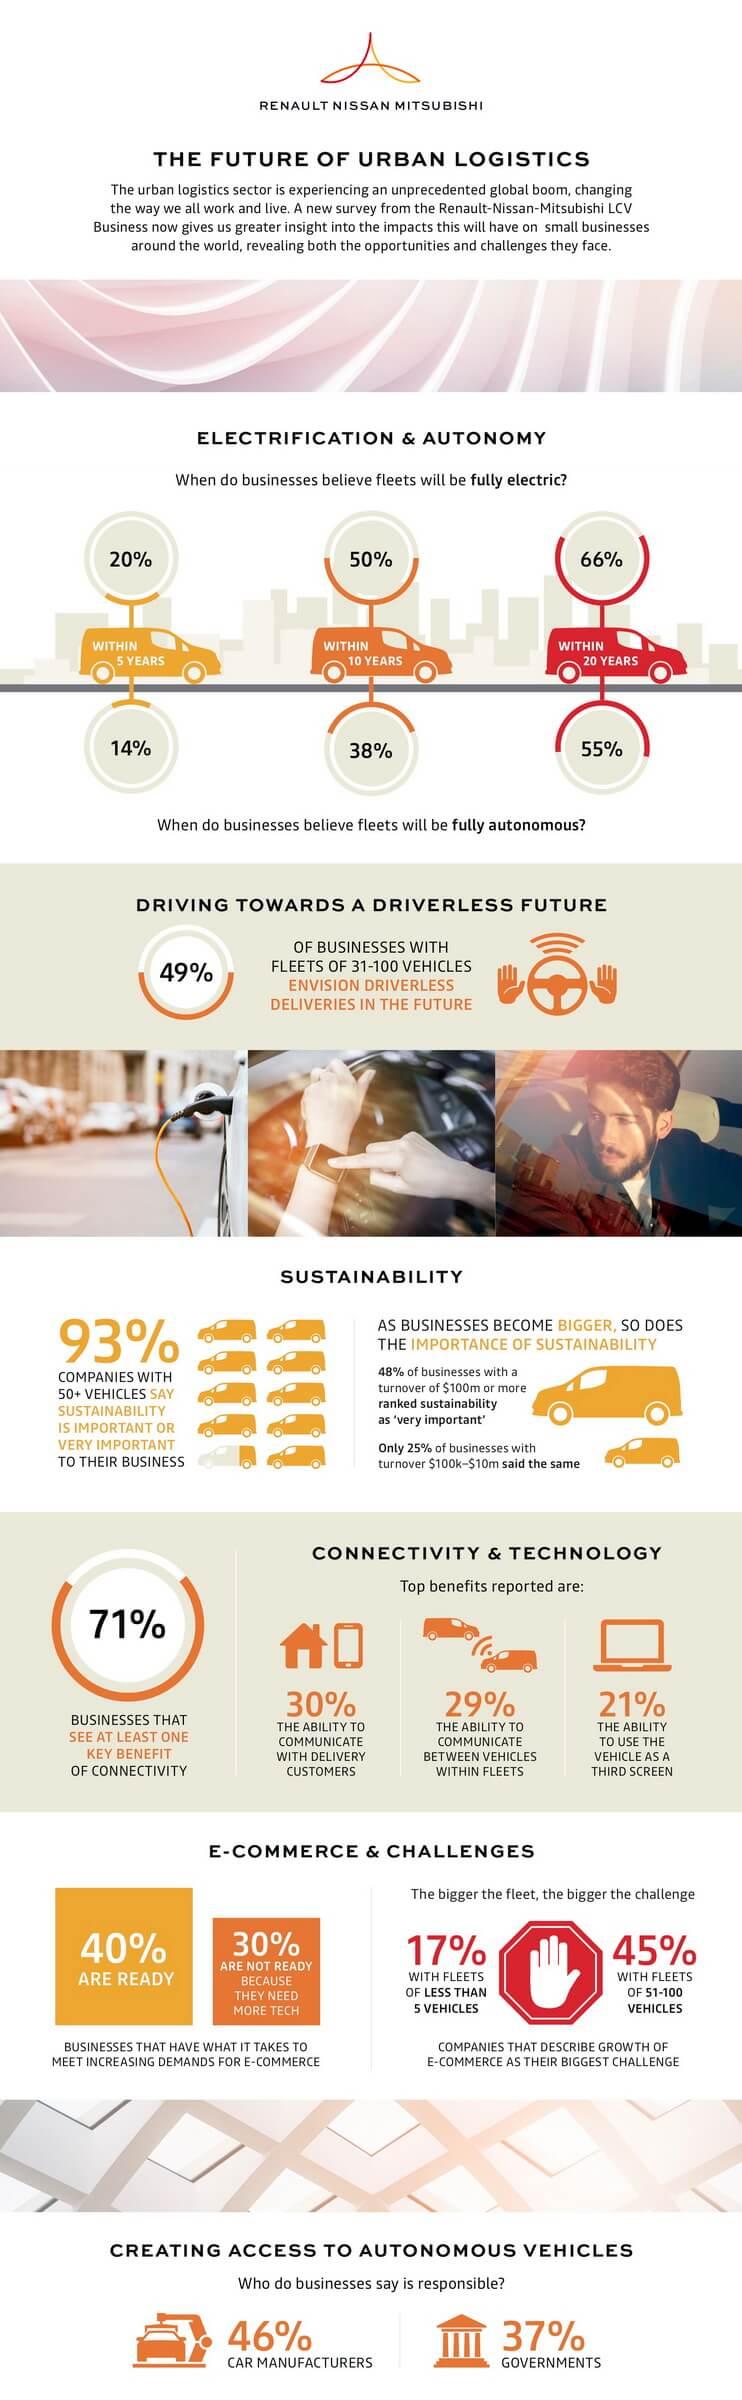 данные отRenault-Nissan-Mitsubishi подчеркивают высокий спрос наэлектрические иавтономные автопарки вусловиях изменения электронной коммерции.